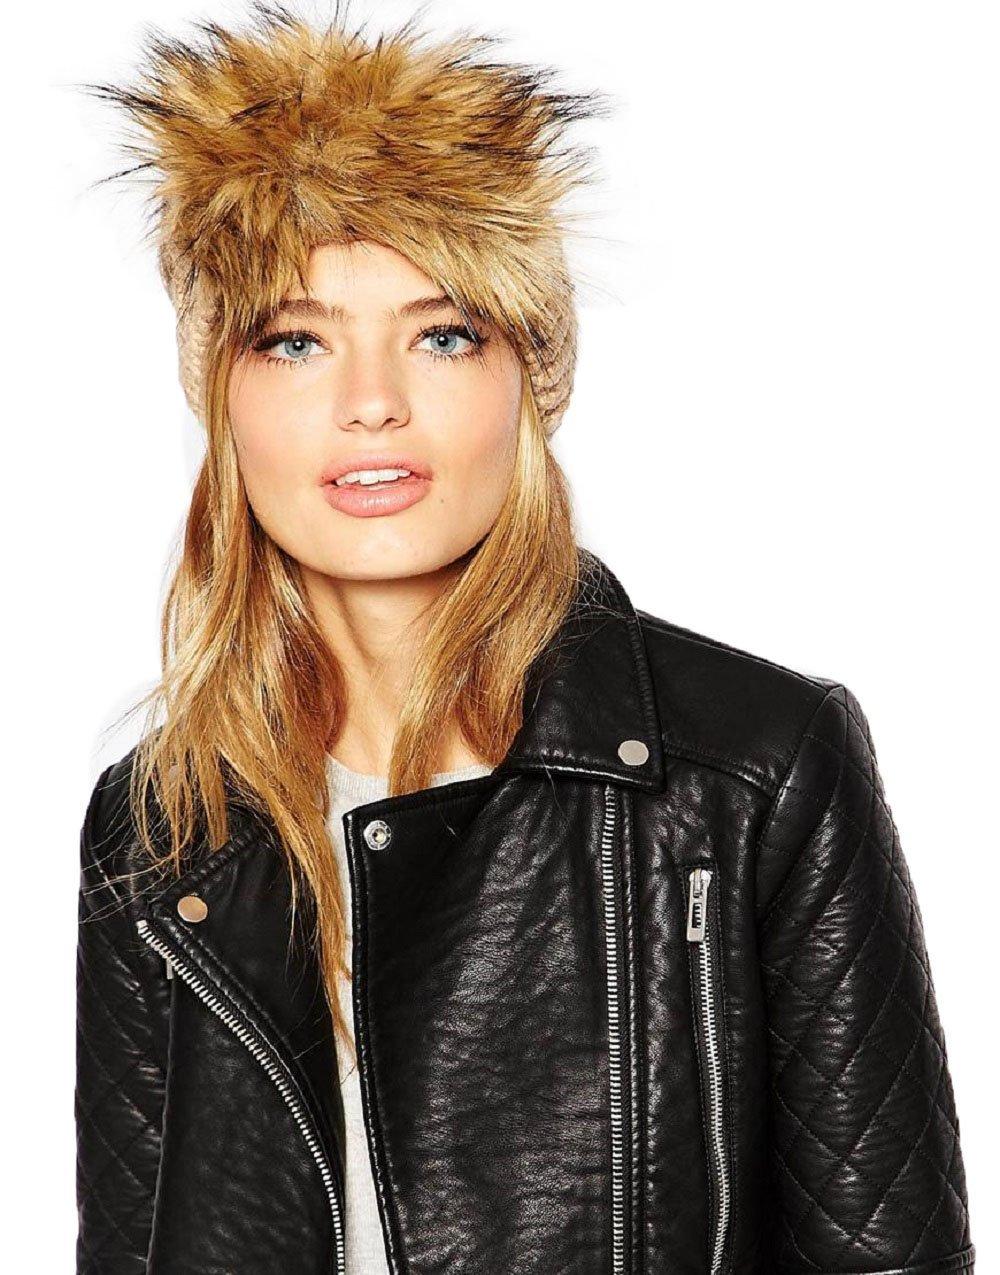 JJ-GOGO Winter Fashion Knitted Faux Fur Trim Elastic Hairband Ear Warmer Hat (Beige)